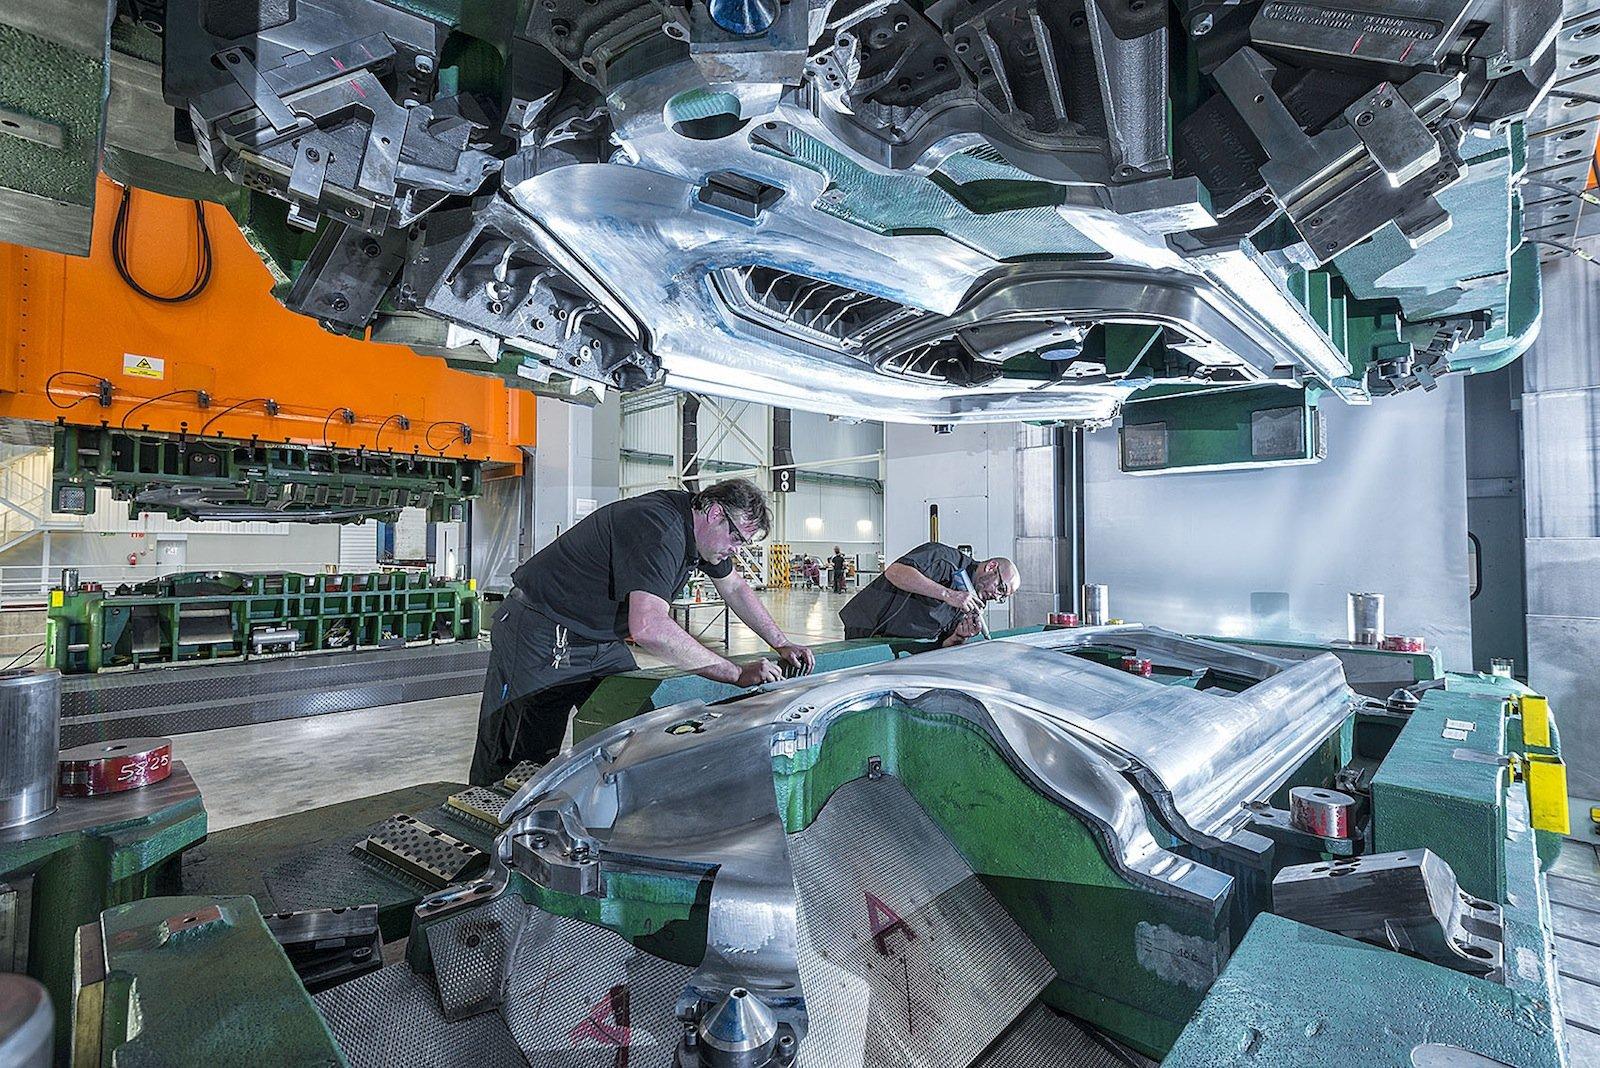 Die Metav hat alle Metall bearbeitenden Anwenderbranchen im Fokus, insbesondere die Automobilbranche.